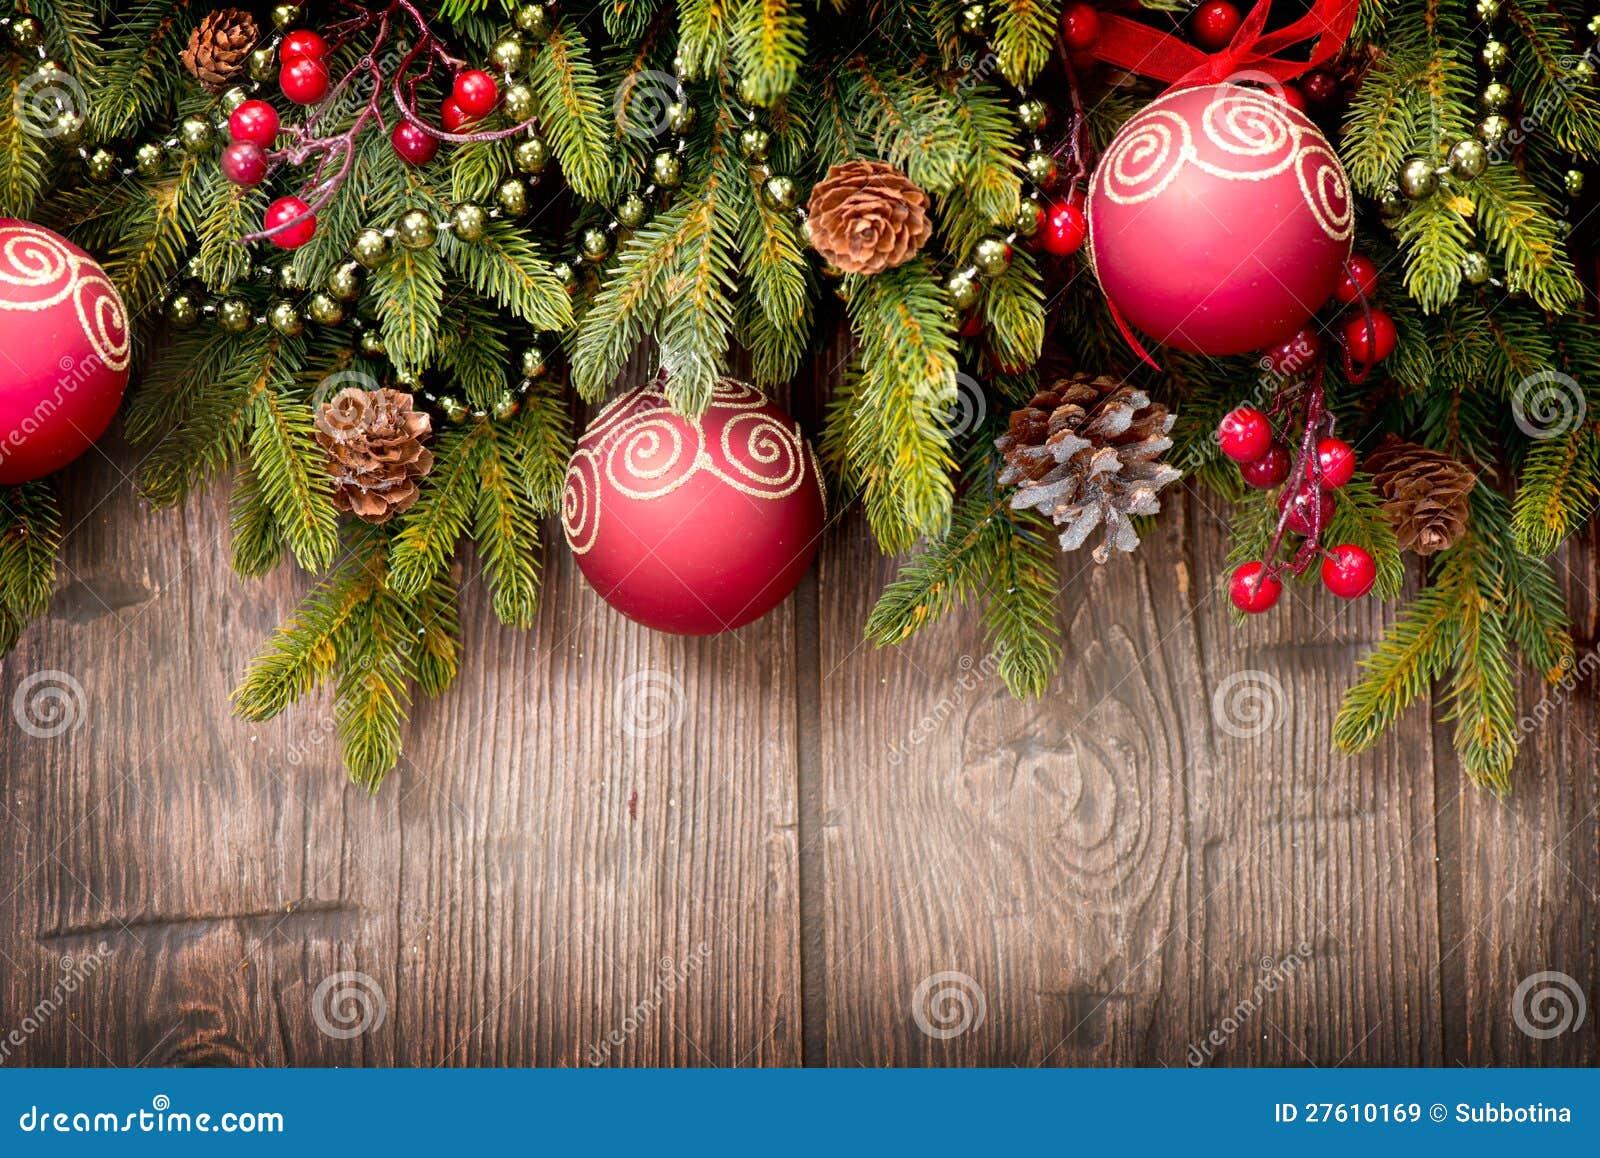 De decoratie van kerstmis over hout royalty vrije stock afbeeldingen afbeelding 27610169 - Decoratie van de kamers van de meiden ...